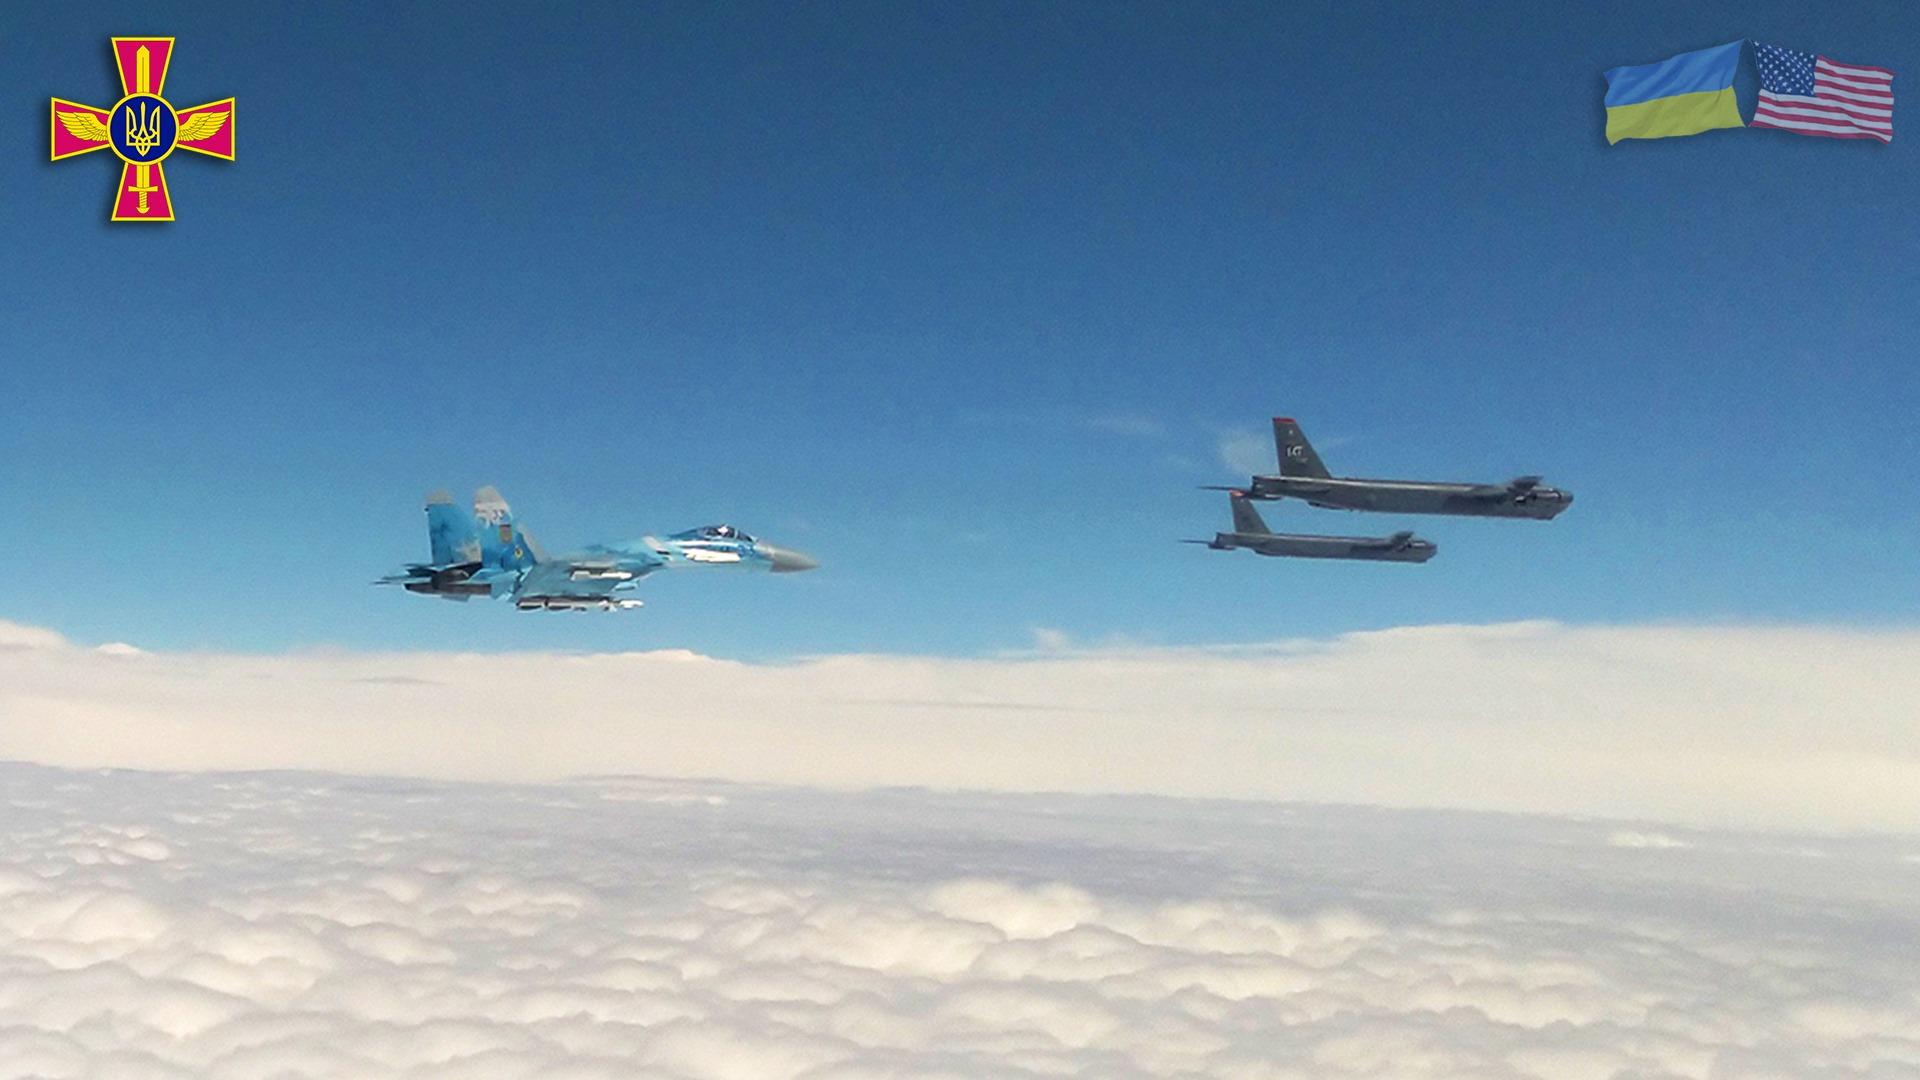 Конвертоплани США CV22B пролетіли над Києвом у рамках навчань